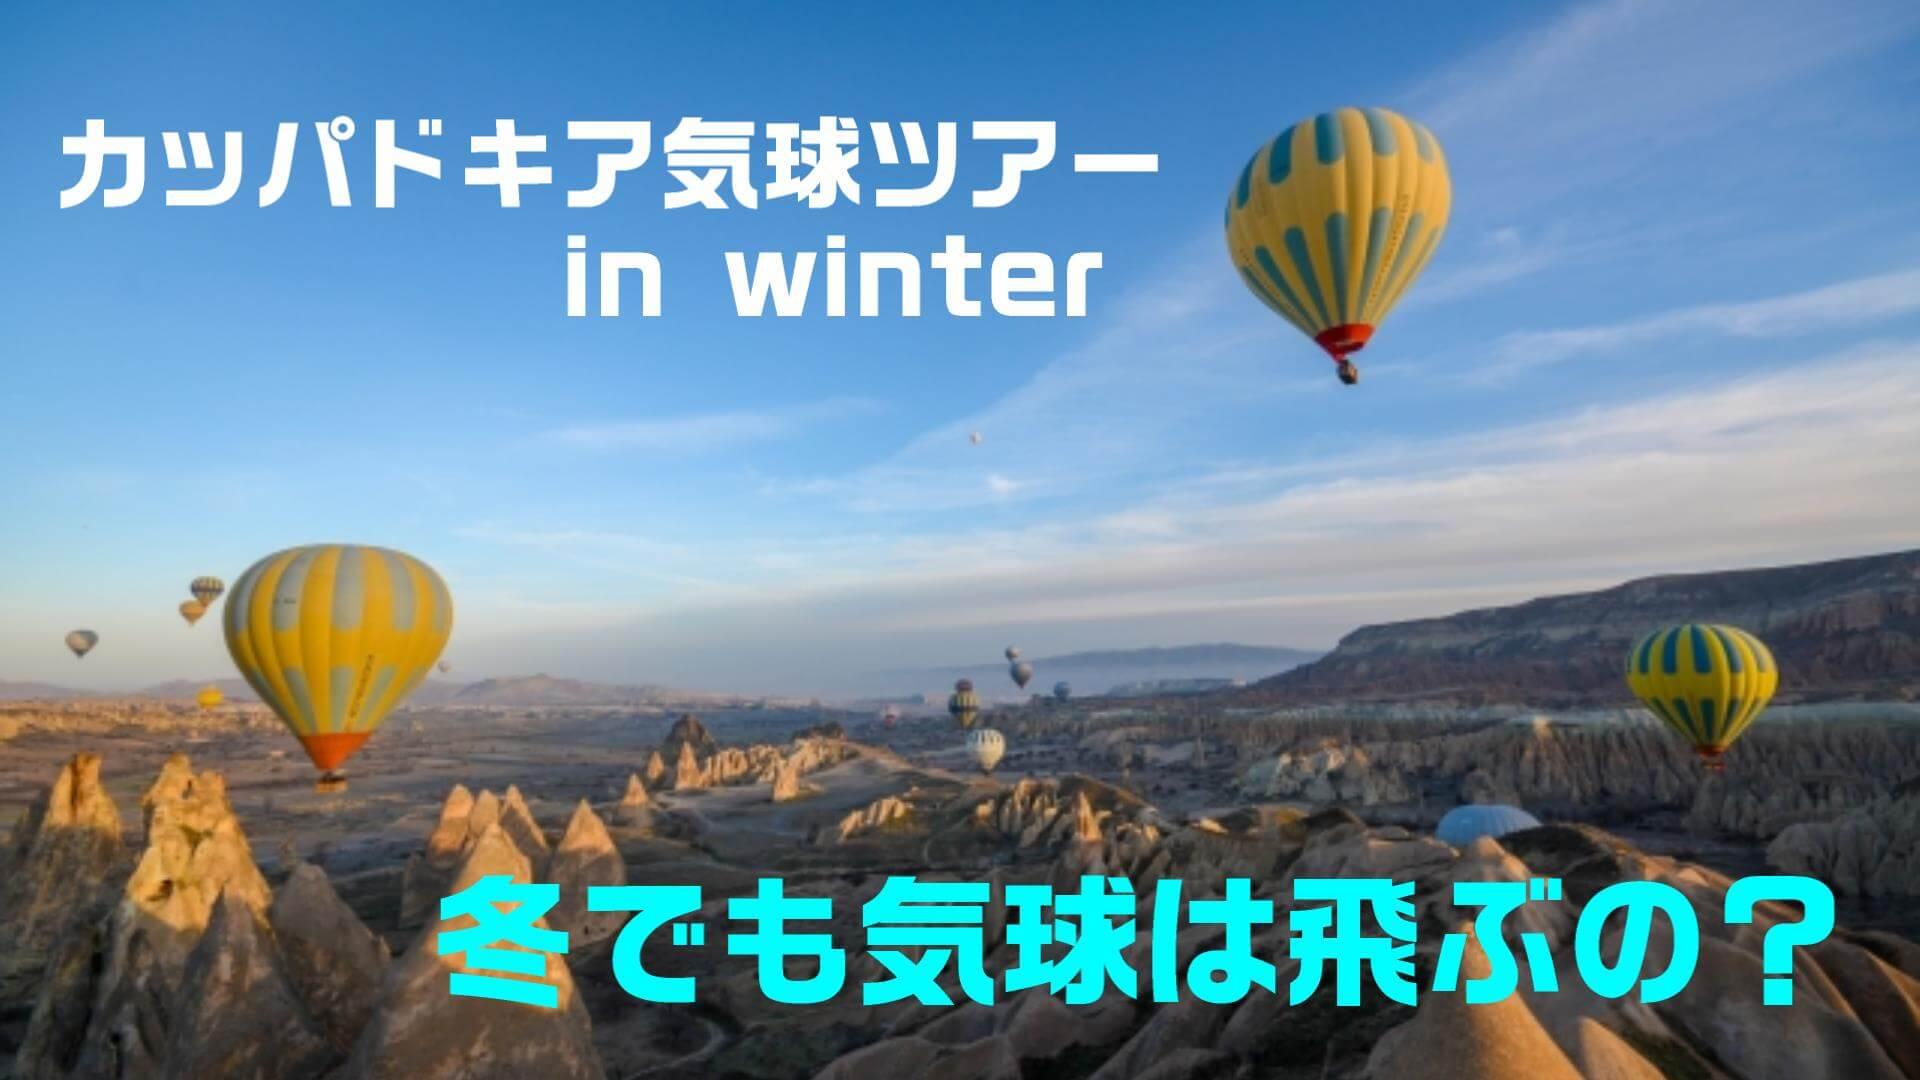 カッパドキアで気球ツアー!冬でも気球は飛ぶの?中止になる条件とは